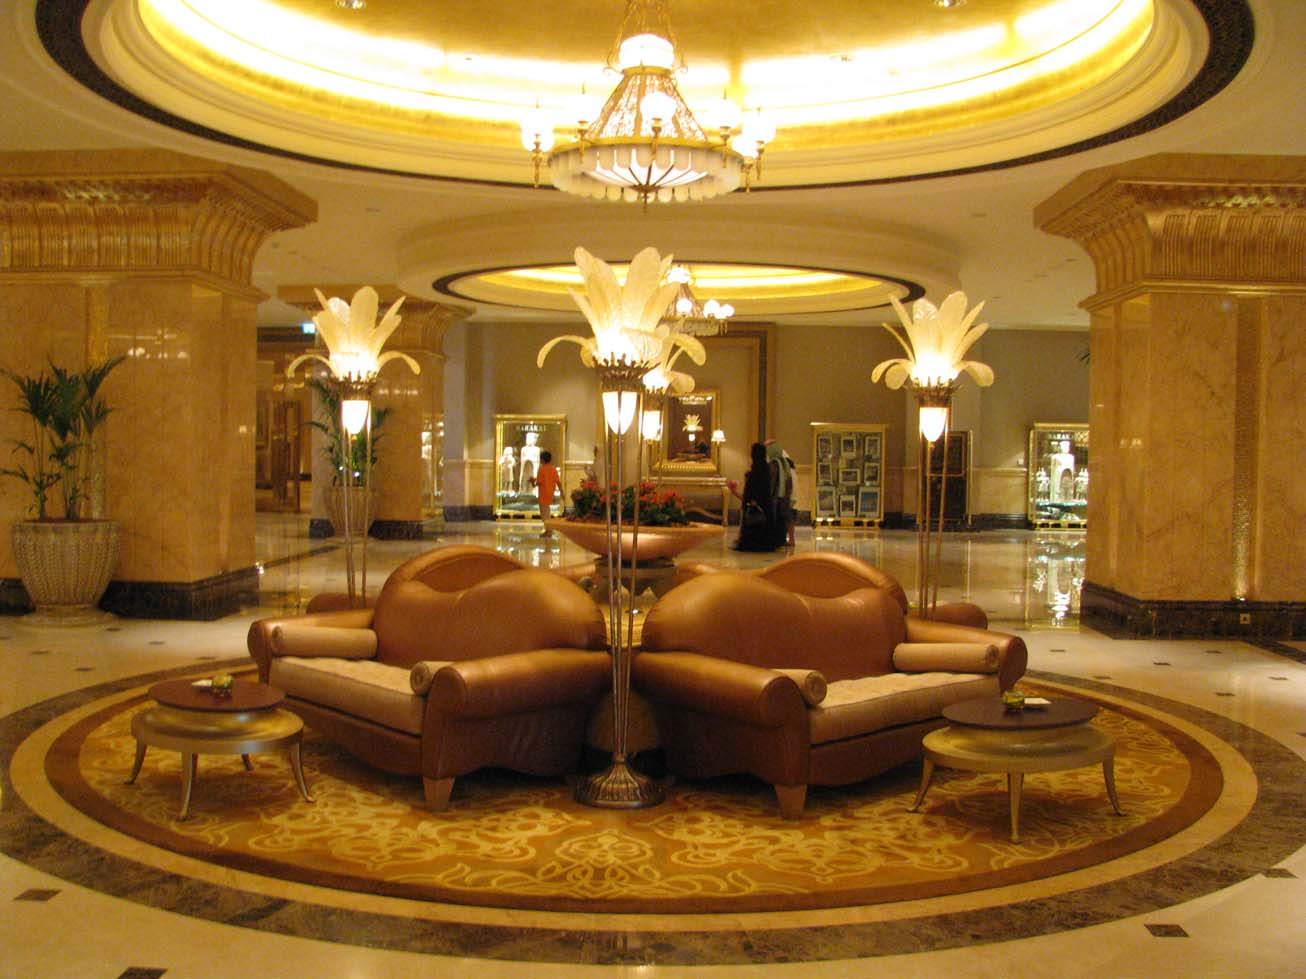 Emirates Palace %E2%80%93 United Arab Emirates 2